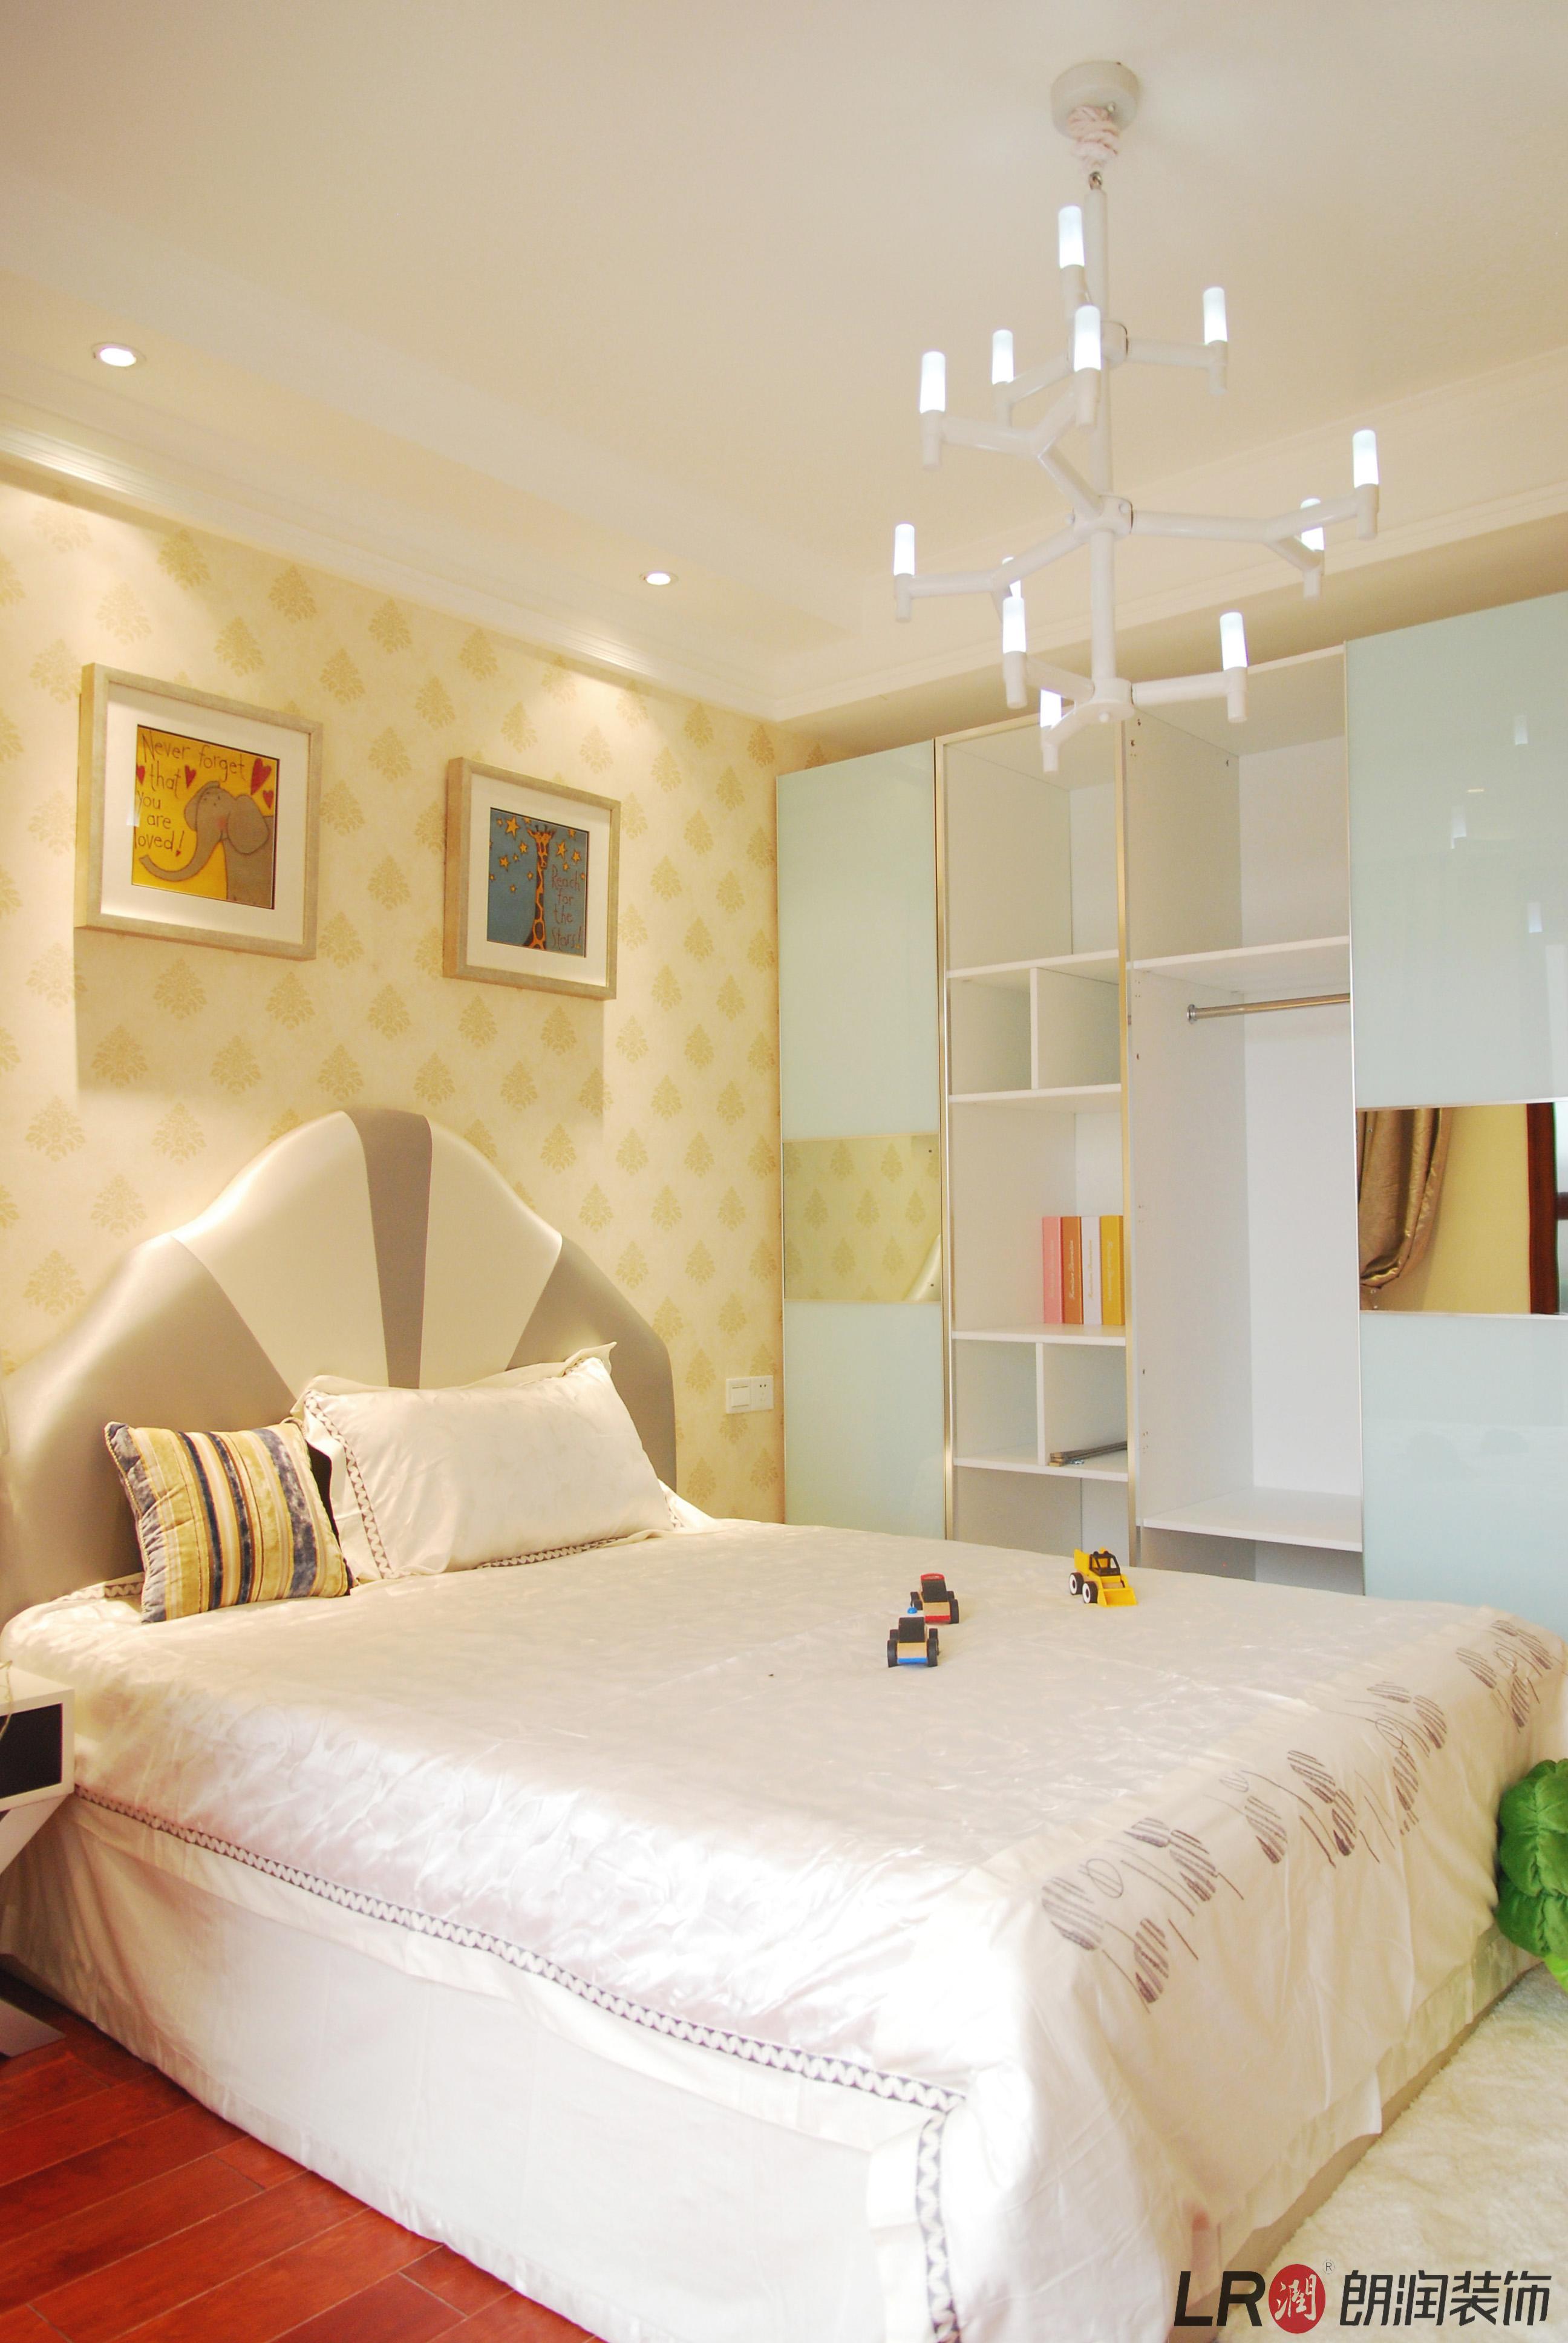 欧式 80 四居 收纳 小字 温馨 舒适 卧室图片来自朗润装饰工程有限公司在君汇上品-欧式的分享